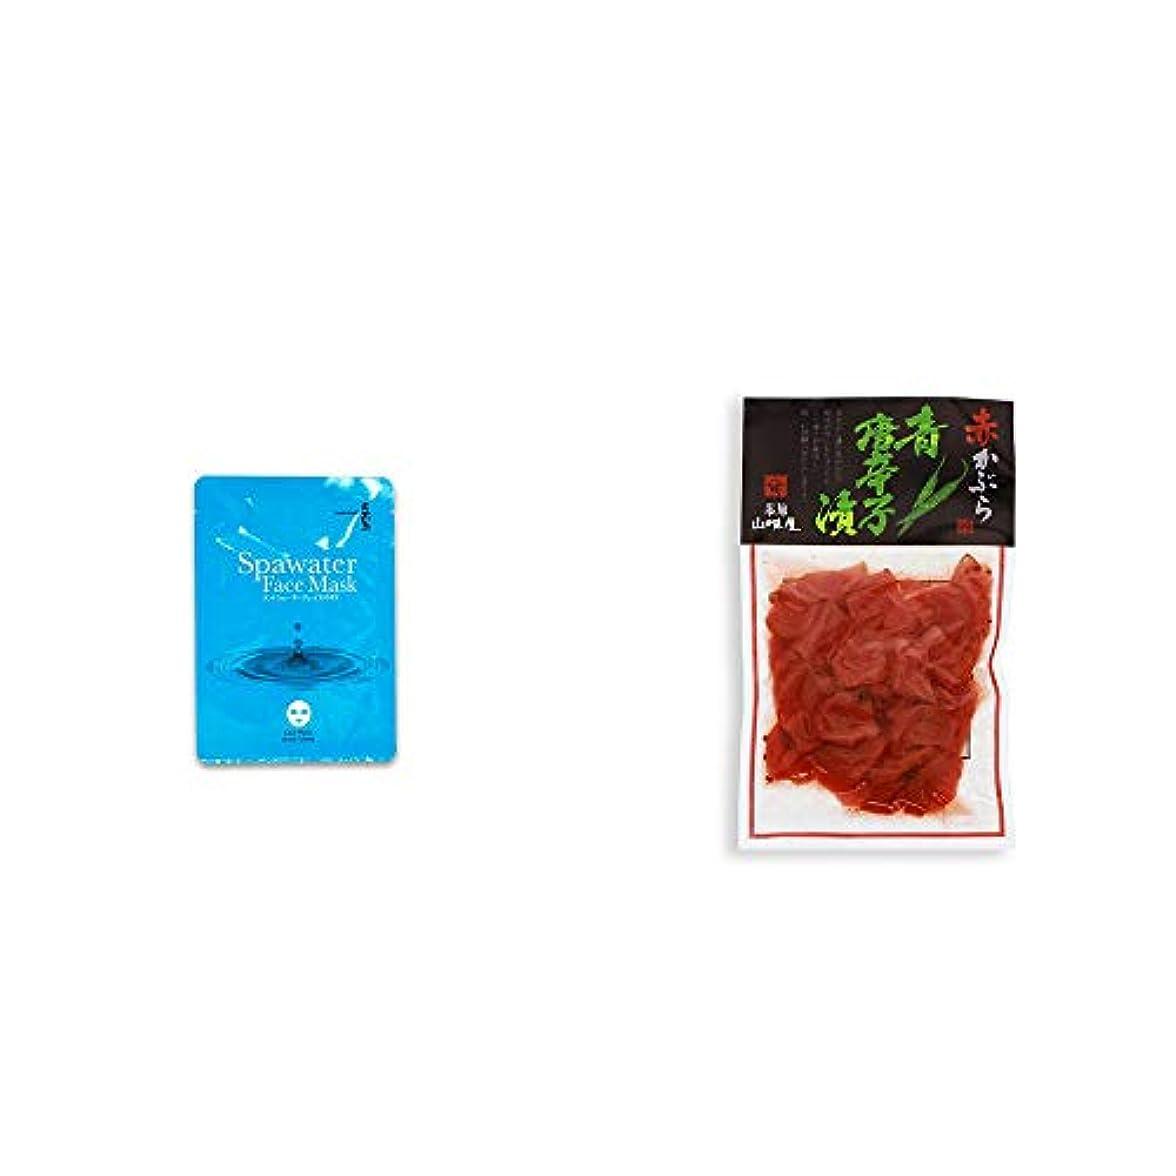 パワーセル端末パフ[2点セット] ひのき炭黒泉 スパウォーターフェイスマスク(18ml×3枚入)?飛騨山味屋 赤かぶら 青唐辛子漬(140g)